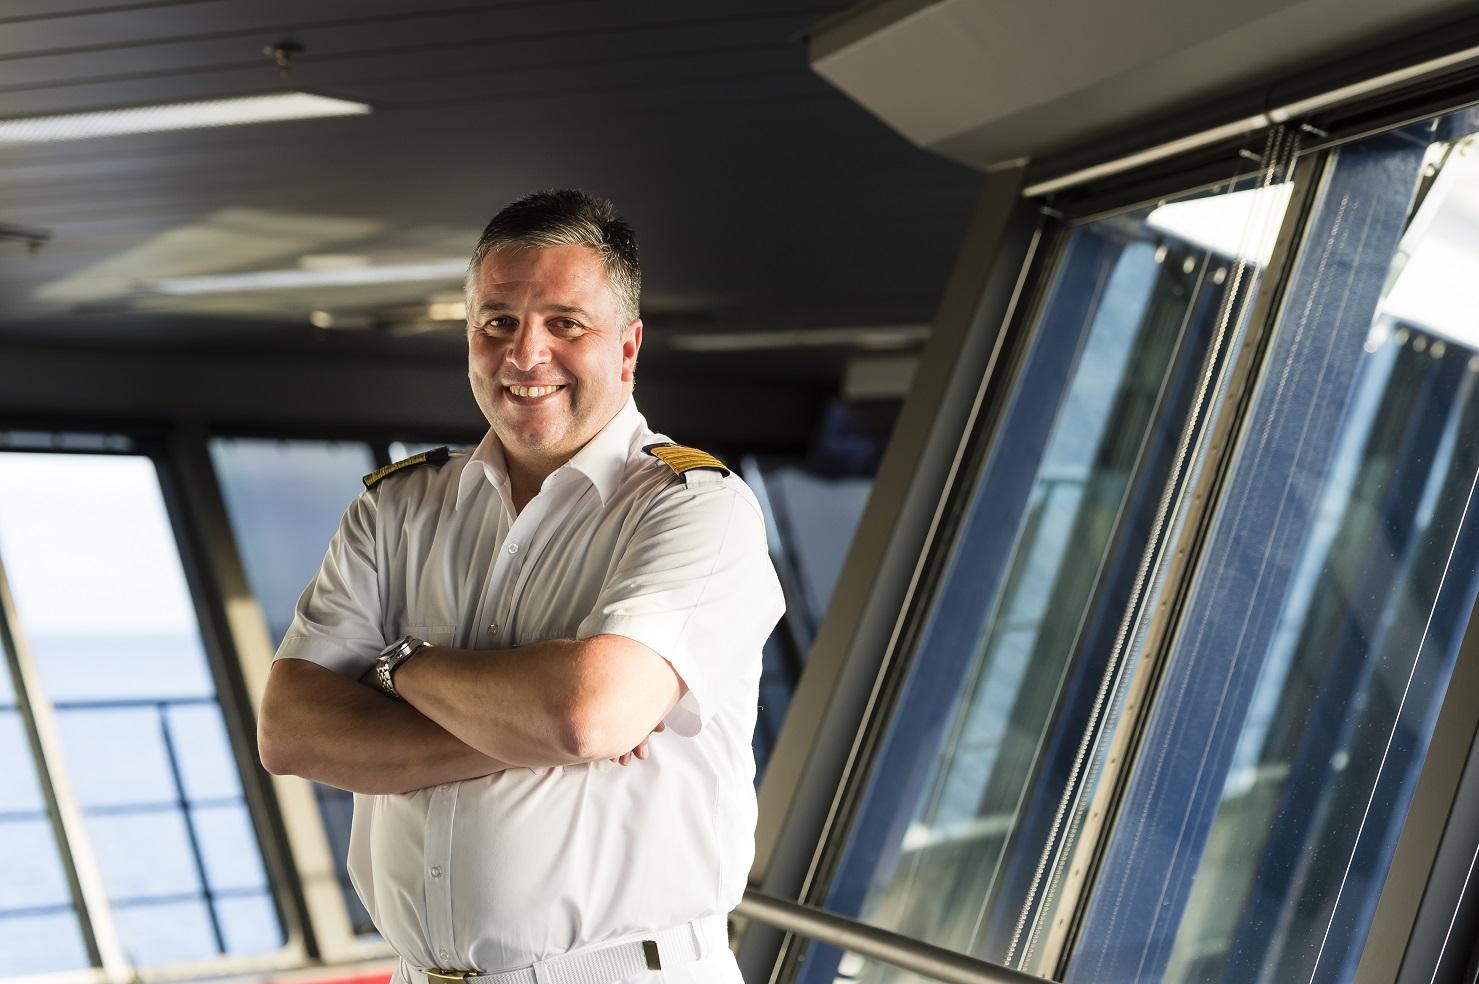 Stolz: Mein Schiff Kapitän Dimitris Papatsatsis